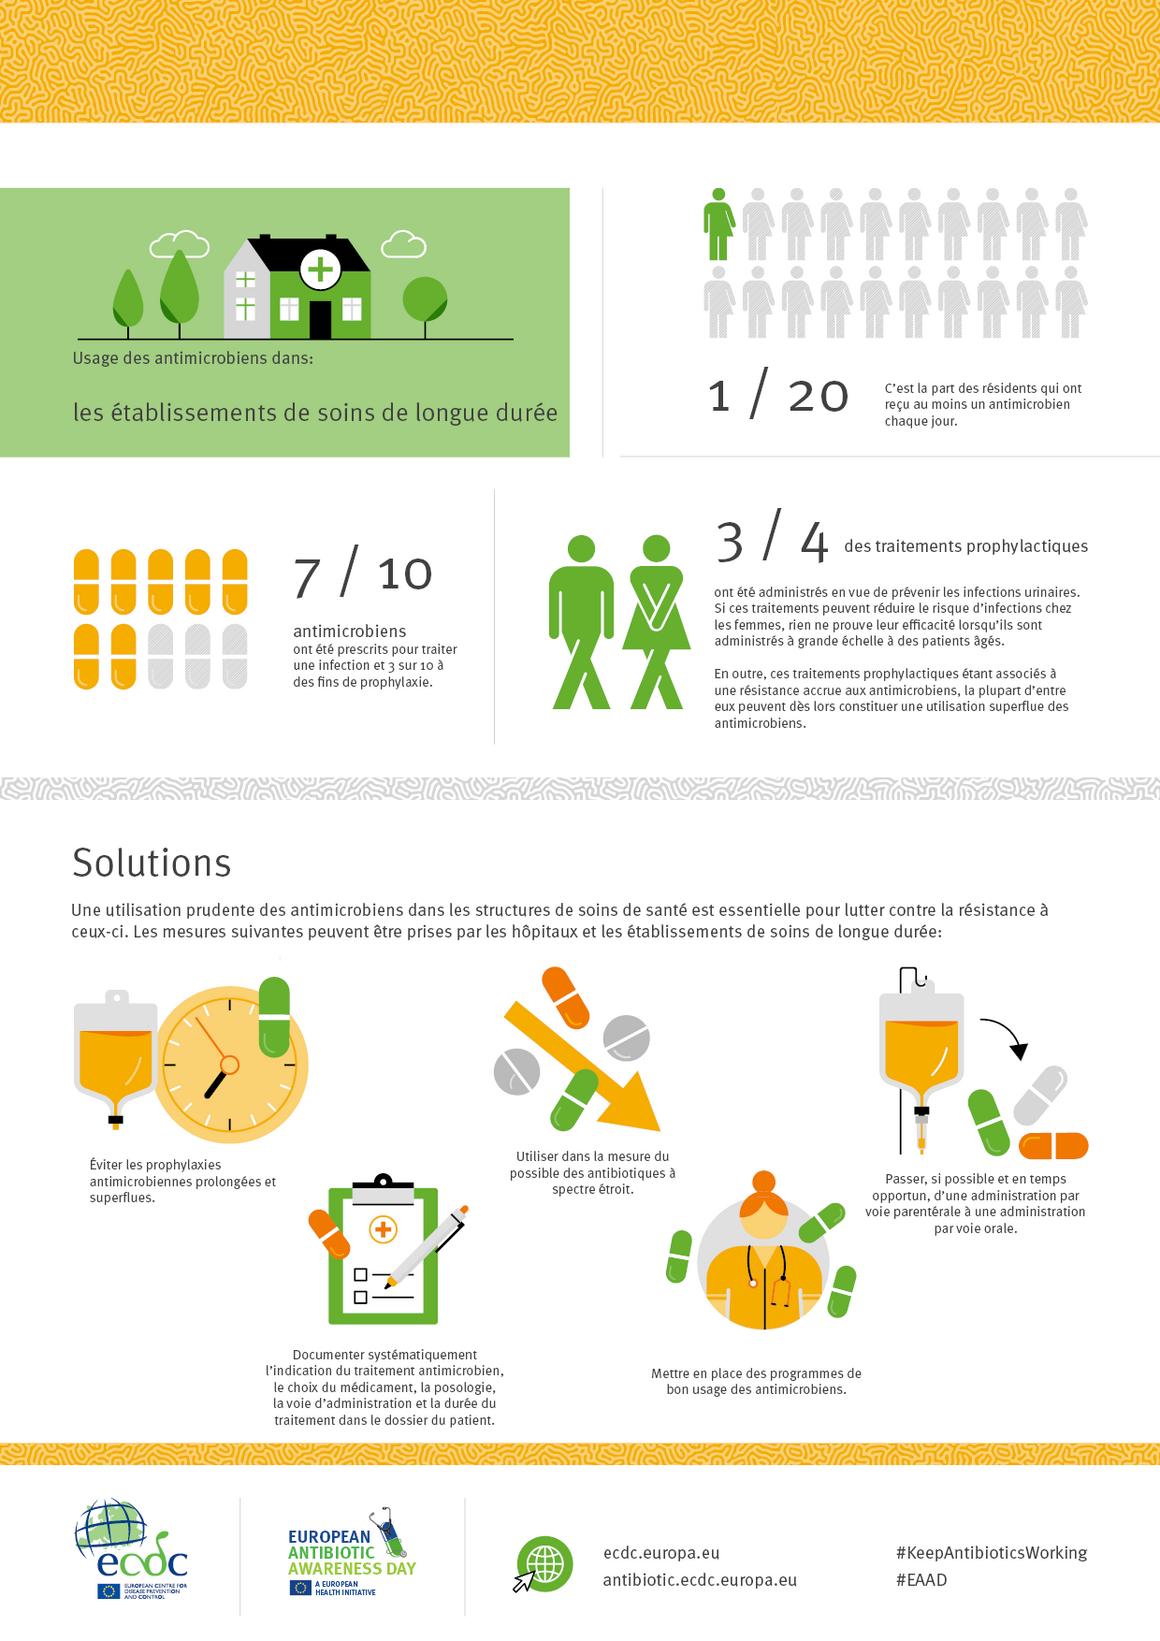 Usage des antimicrobiens dans: les établissements de soins de longue durée